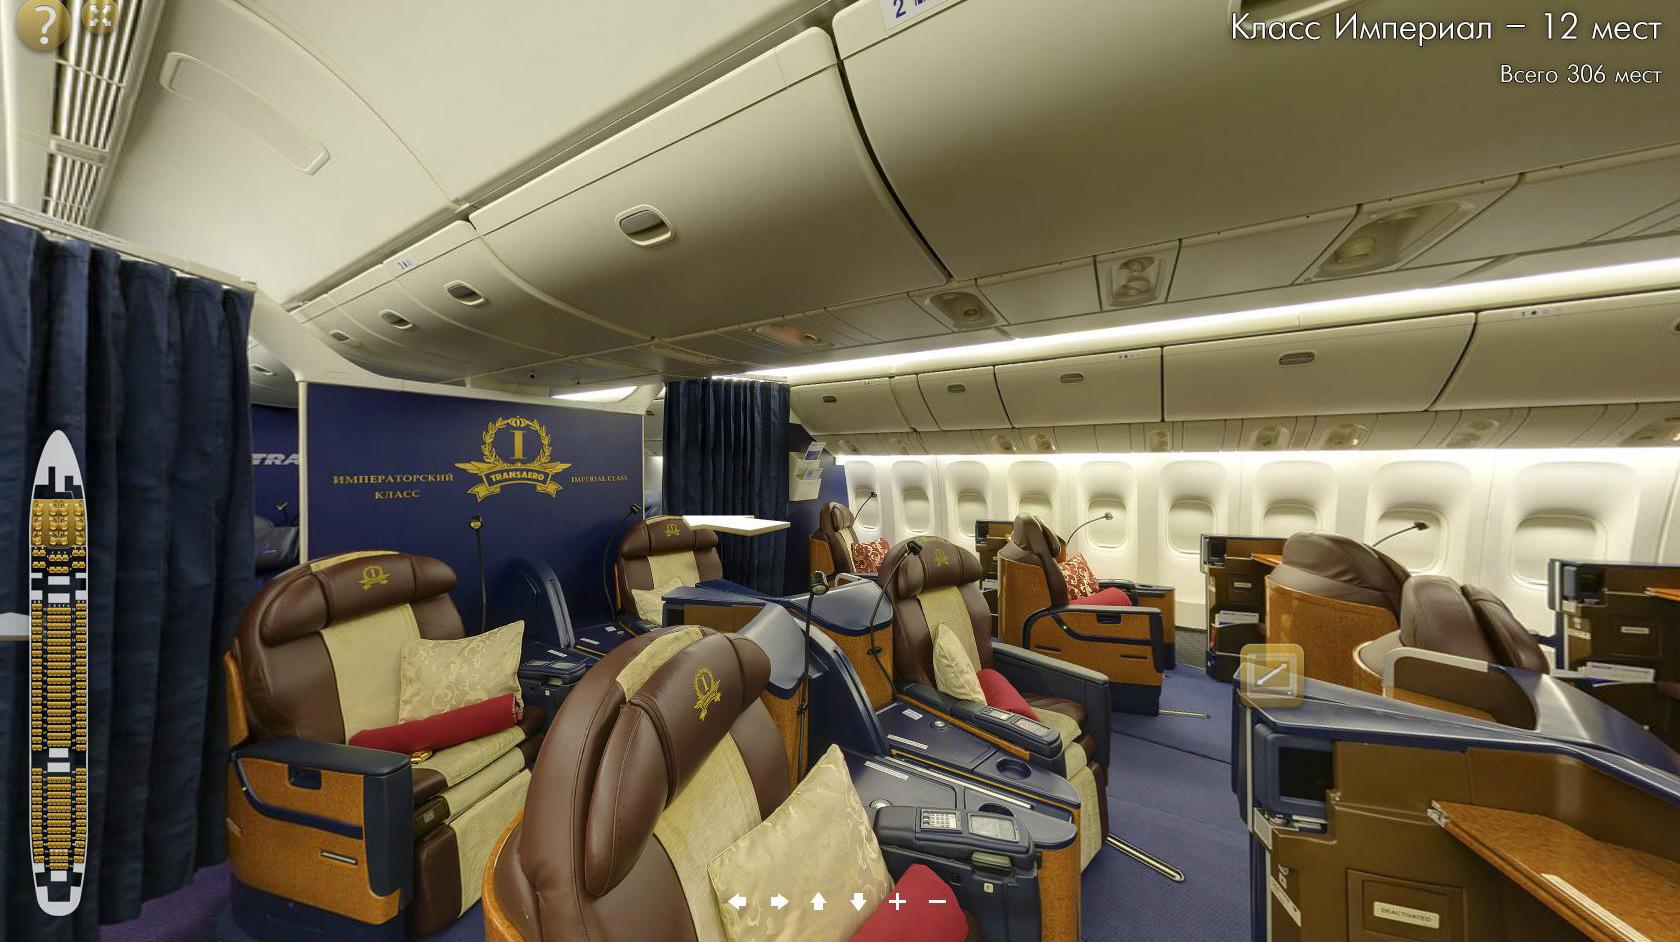 военному билету империал класс в самолете фото явно заметно, внешность